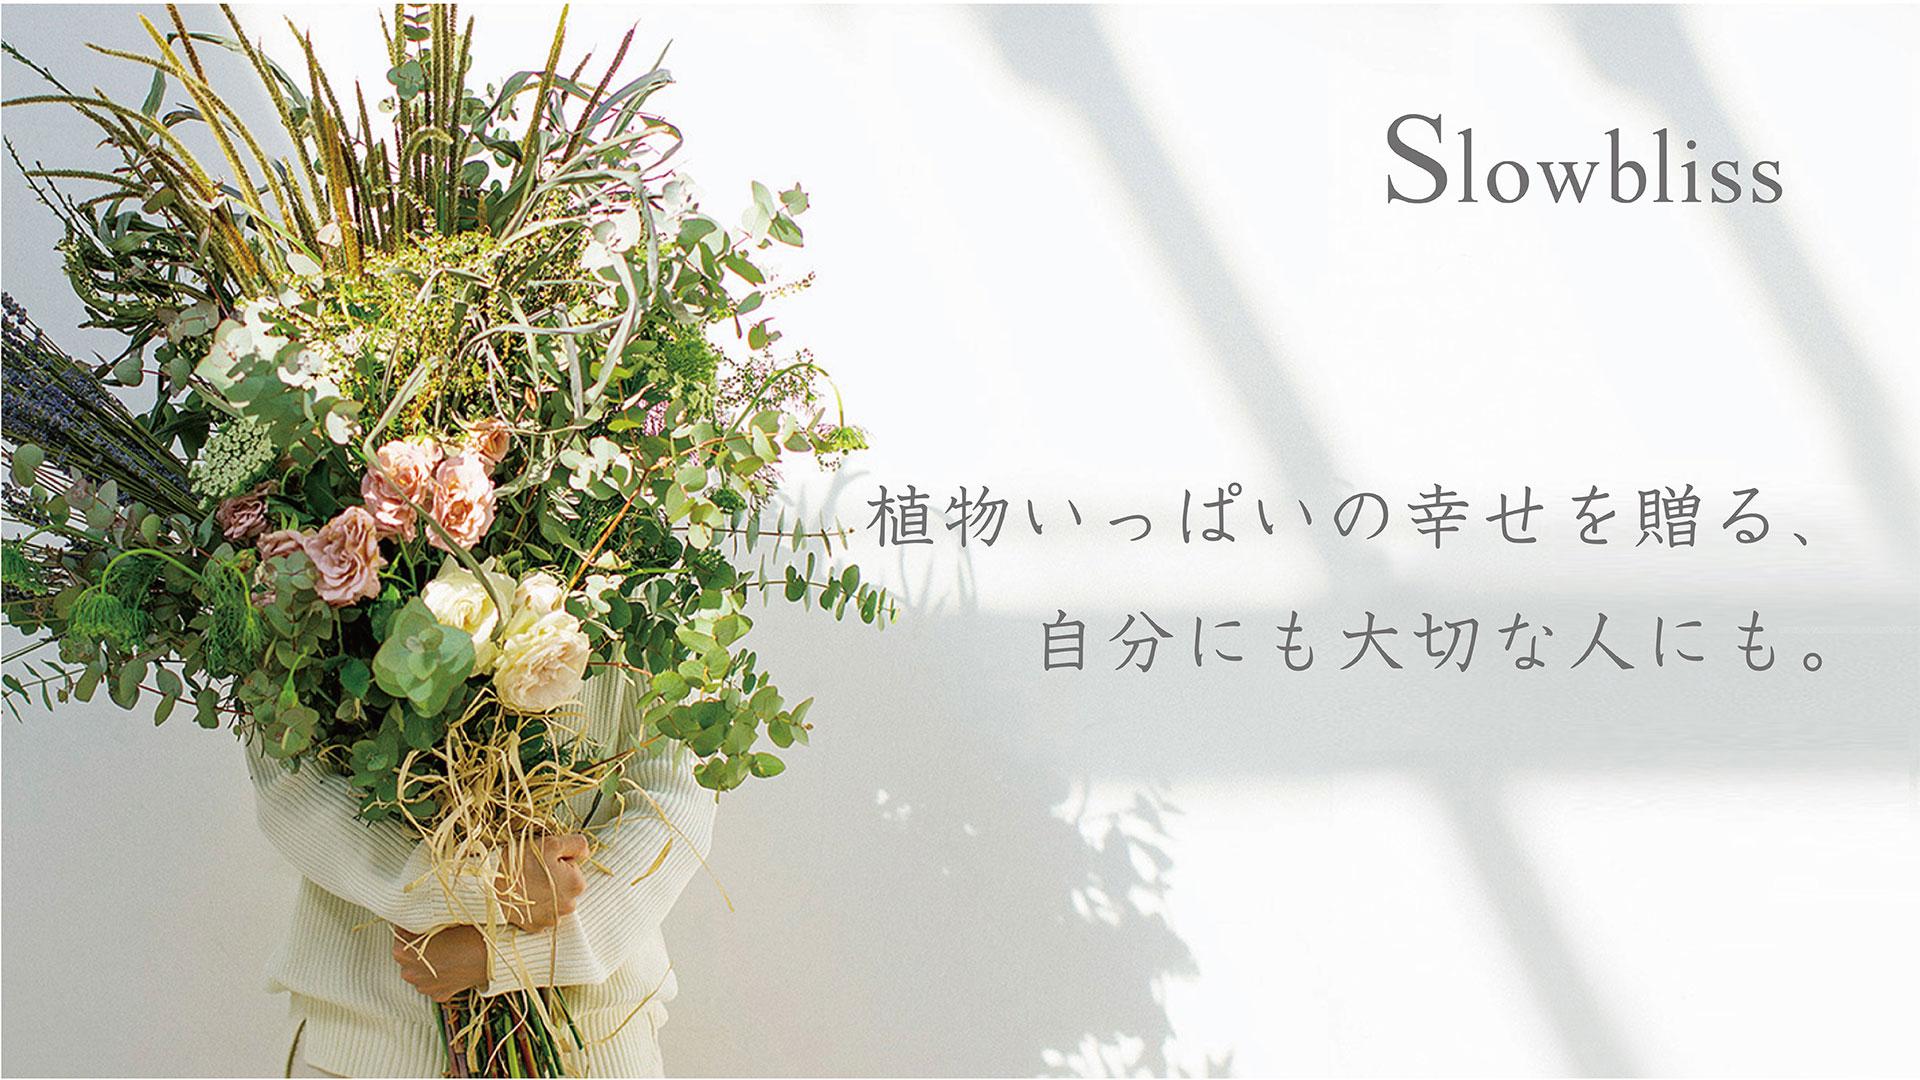 Slowbliss